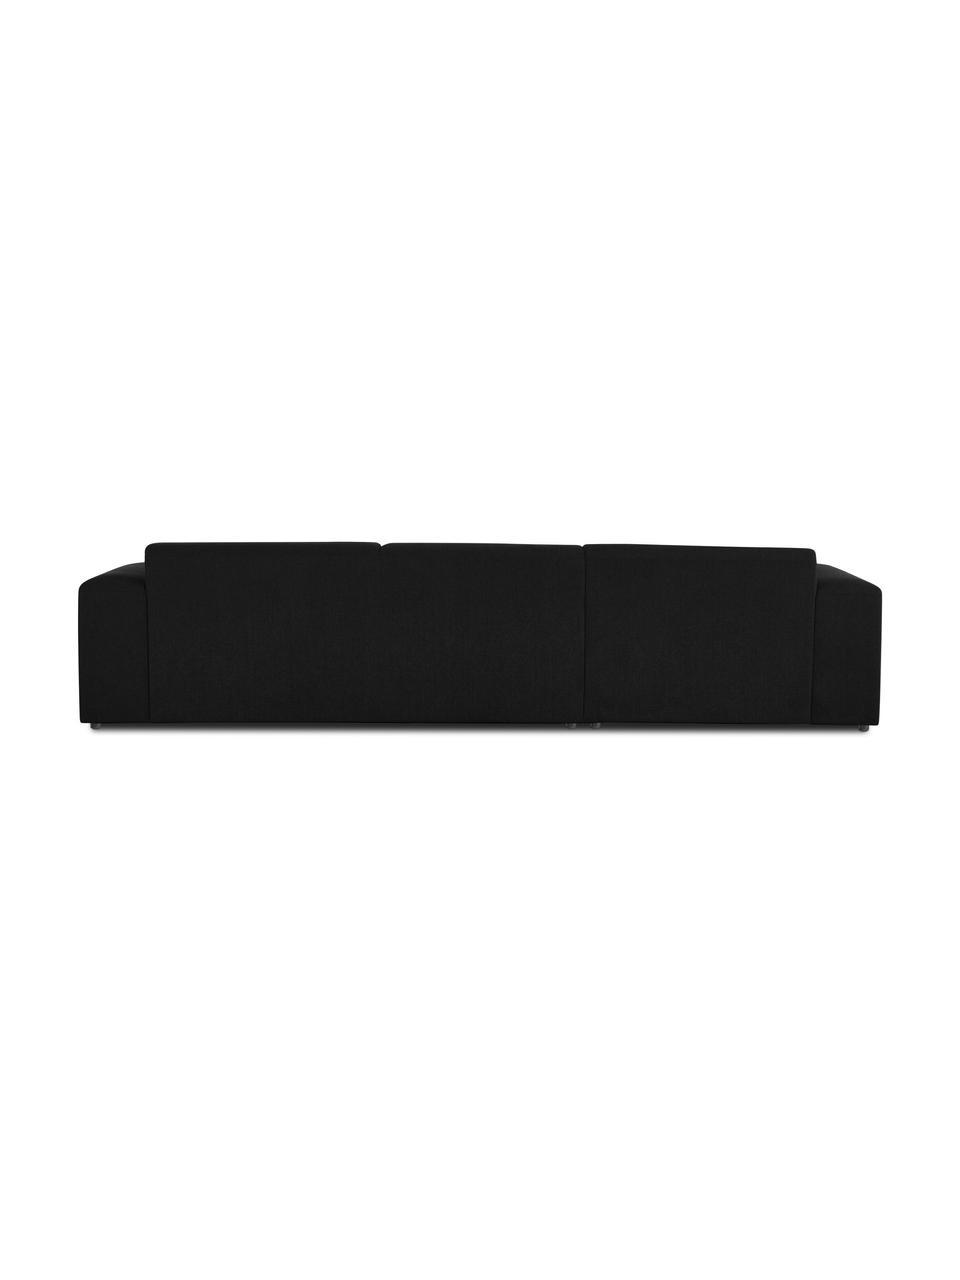 Divano angolare a 4 posti in tessuto nero Melva, Rivestimento: 100% poliestre Con 55.000, Struttura: pino massiccio, certifica, Tessuto nero, Larg. 319 x Prof. 196 cm